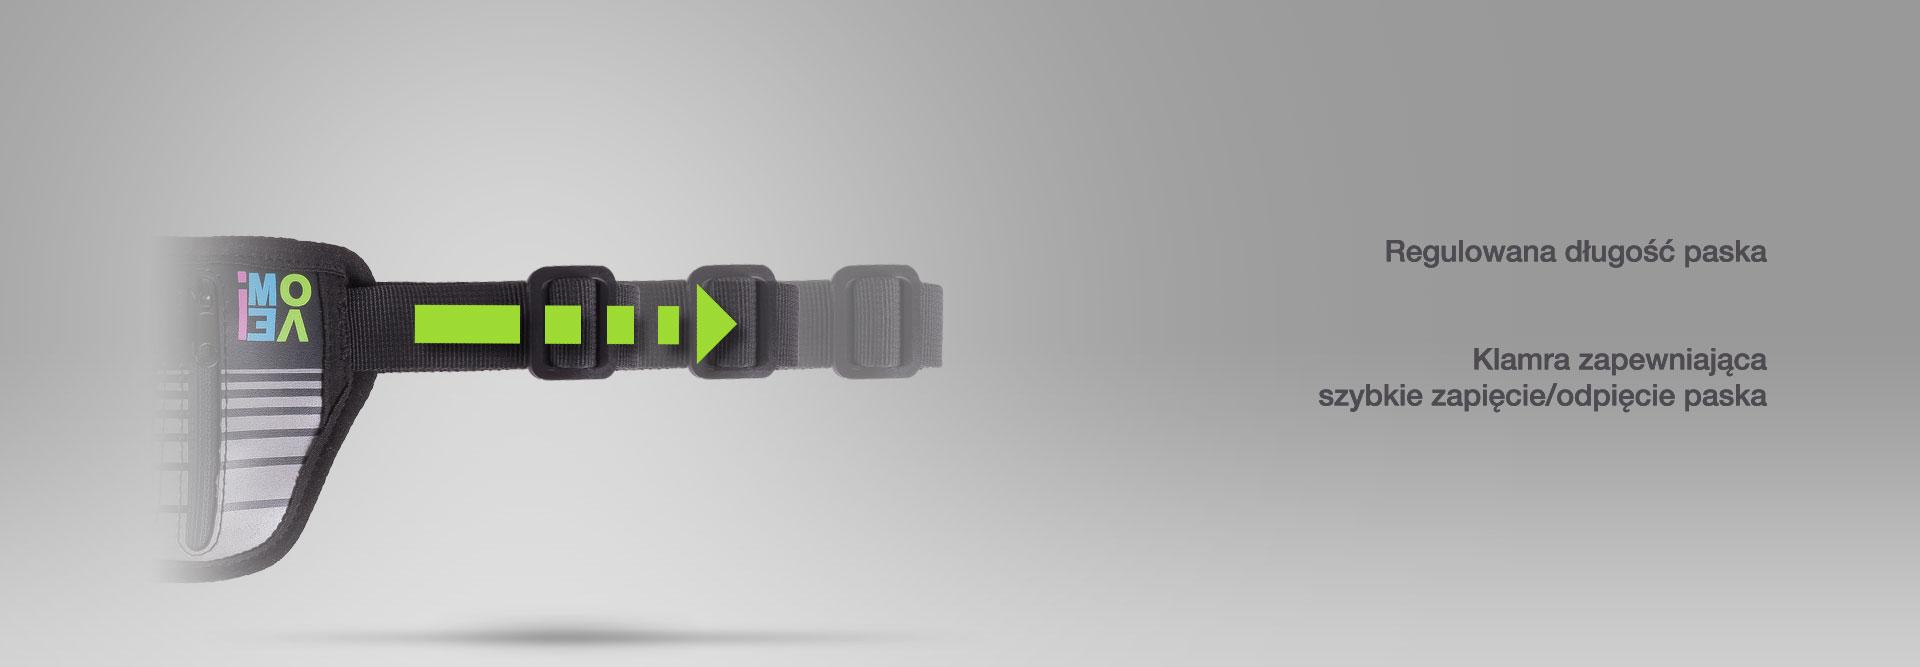 Regulowana długość paska. Klamra zapewniająca szybkie zapięcie/odpięcie paska.